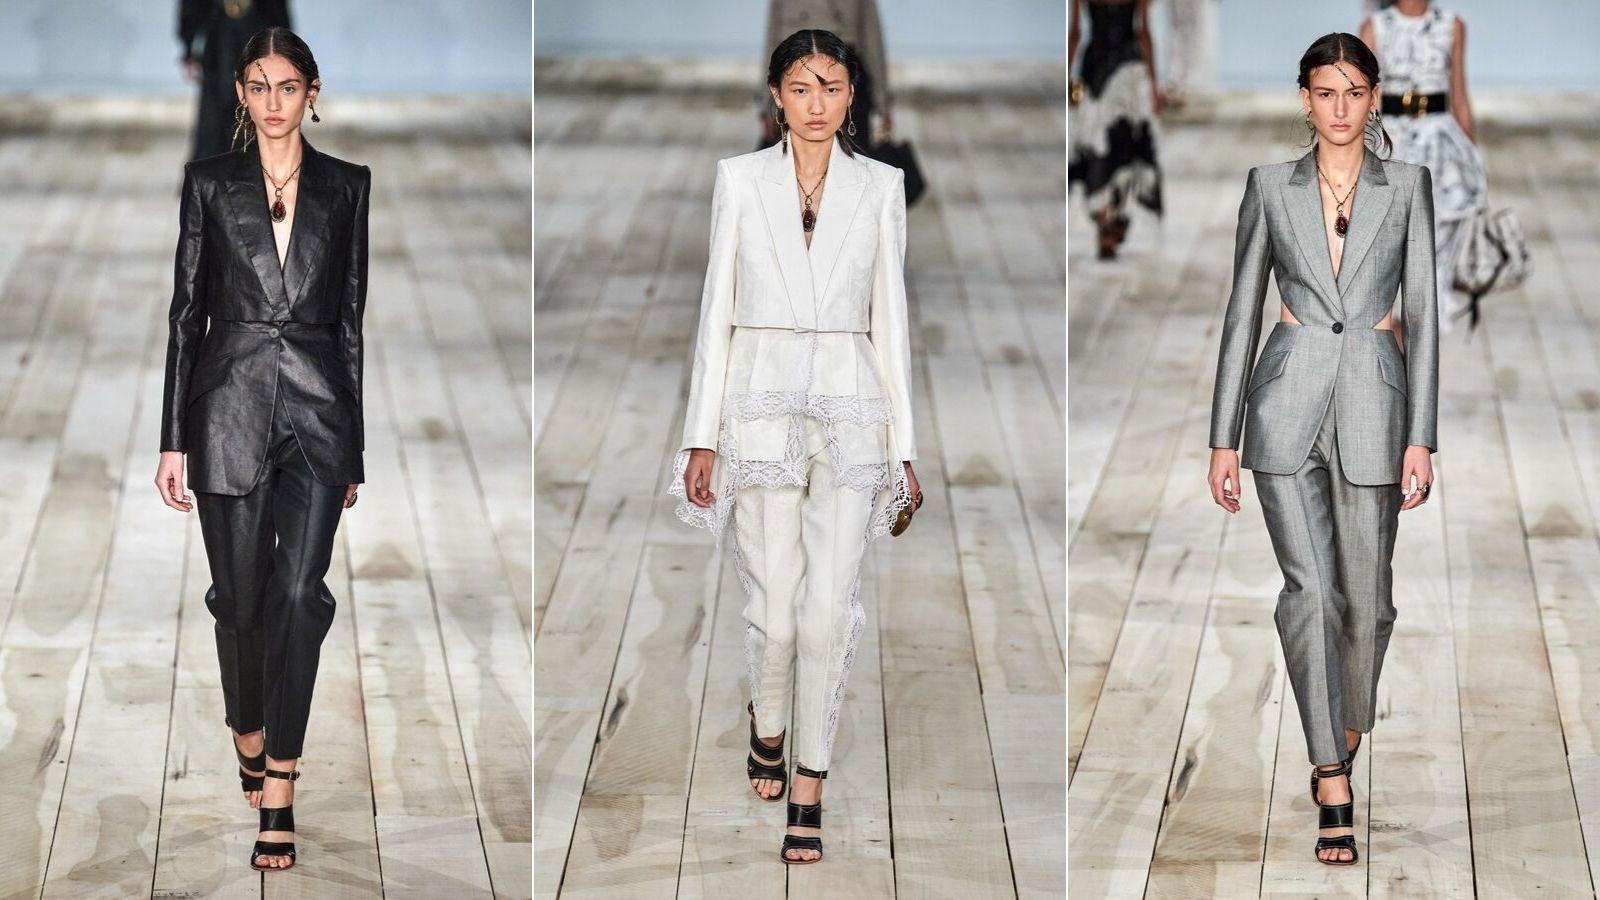 thiết kế suit trong bst alexander mcqueen xuân hè 2020